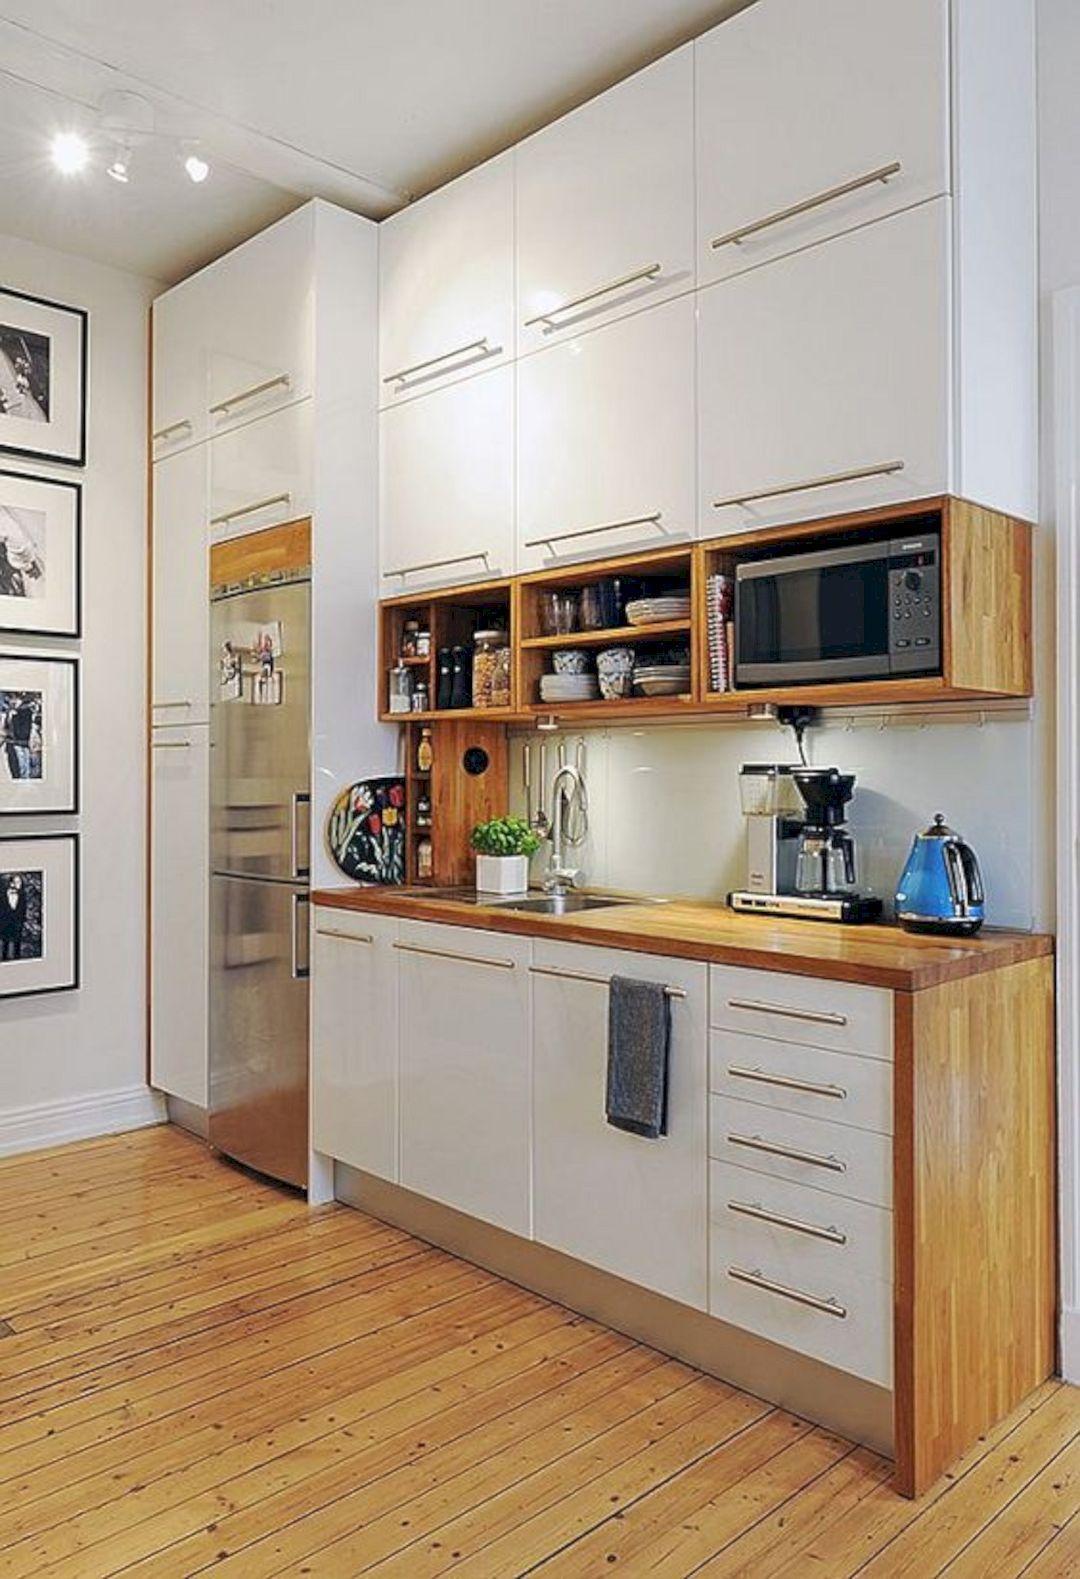 15 kitchen cupboard designs design listicle - Kitchen Cupboard Design